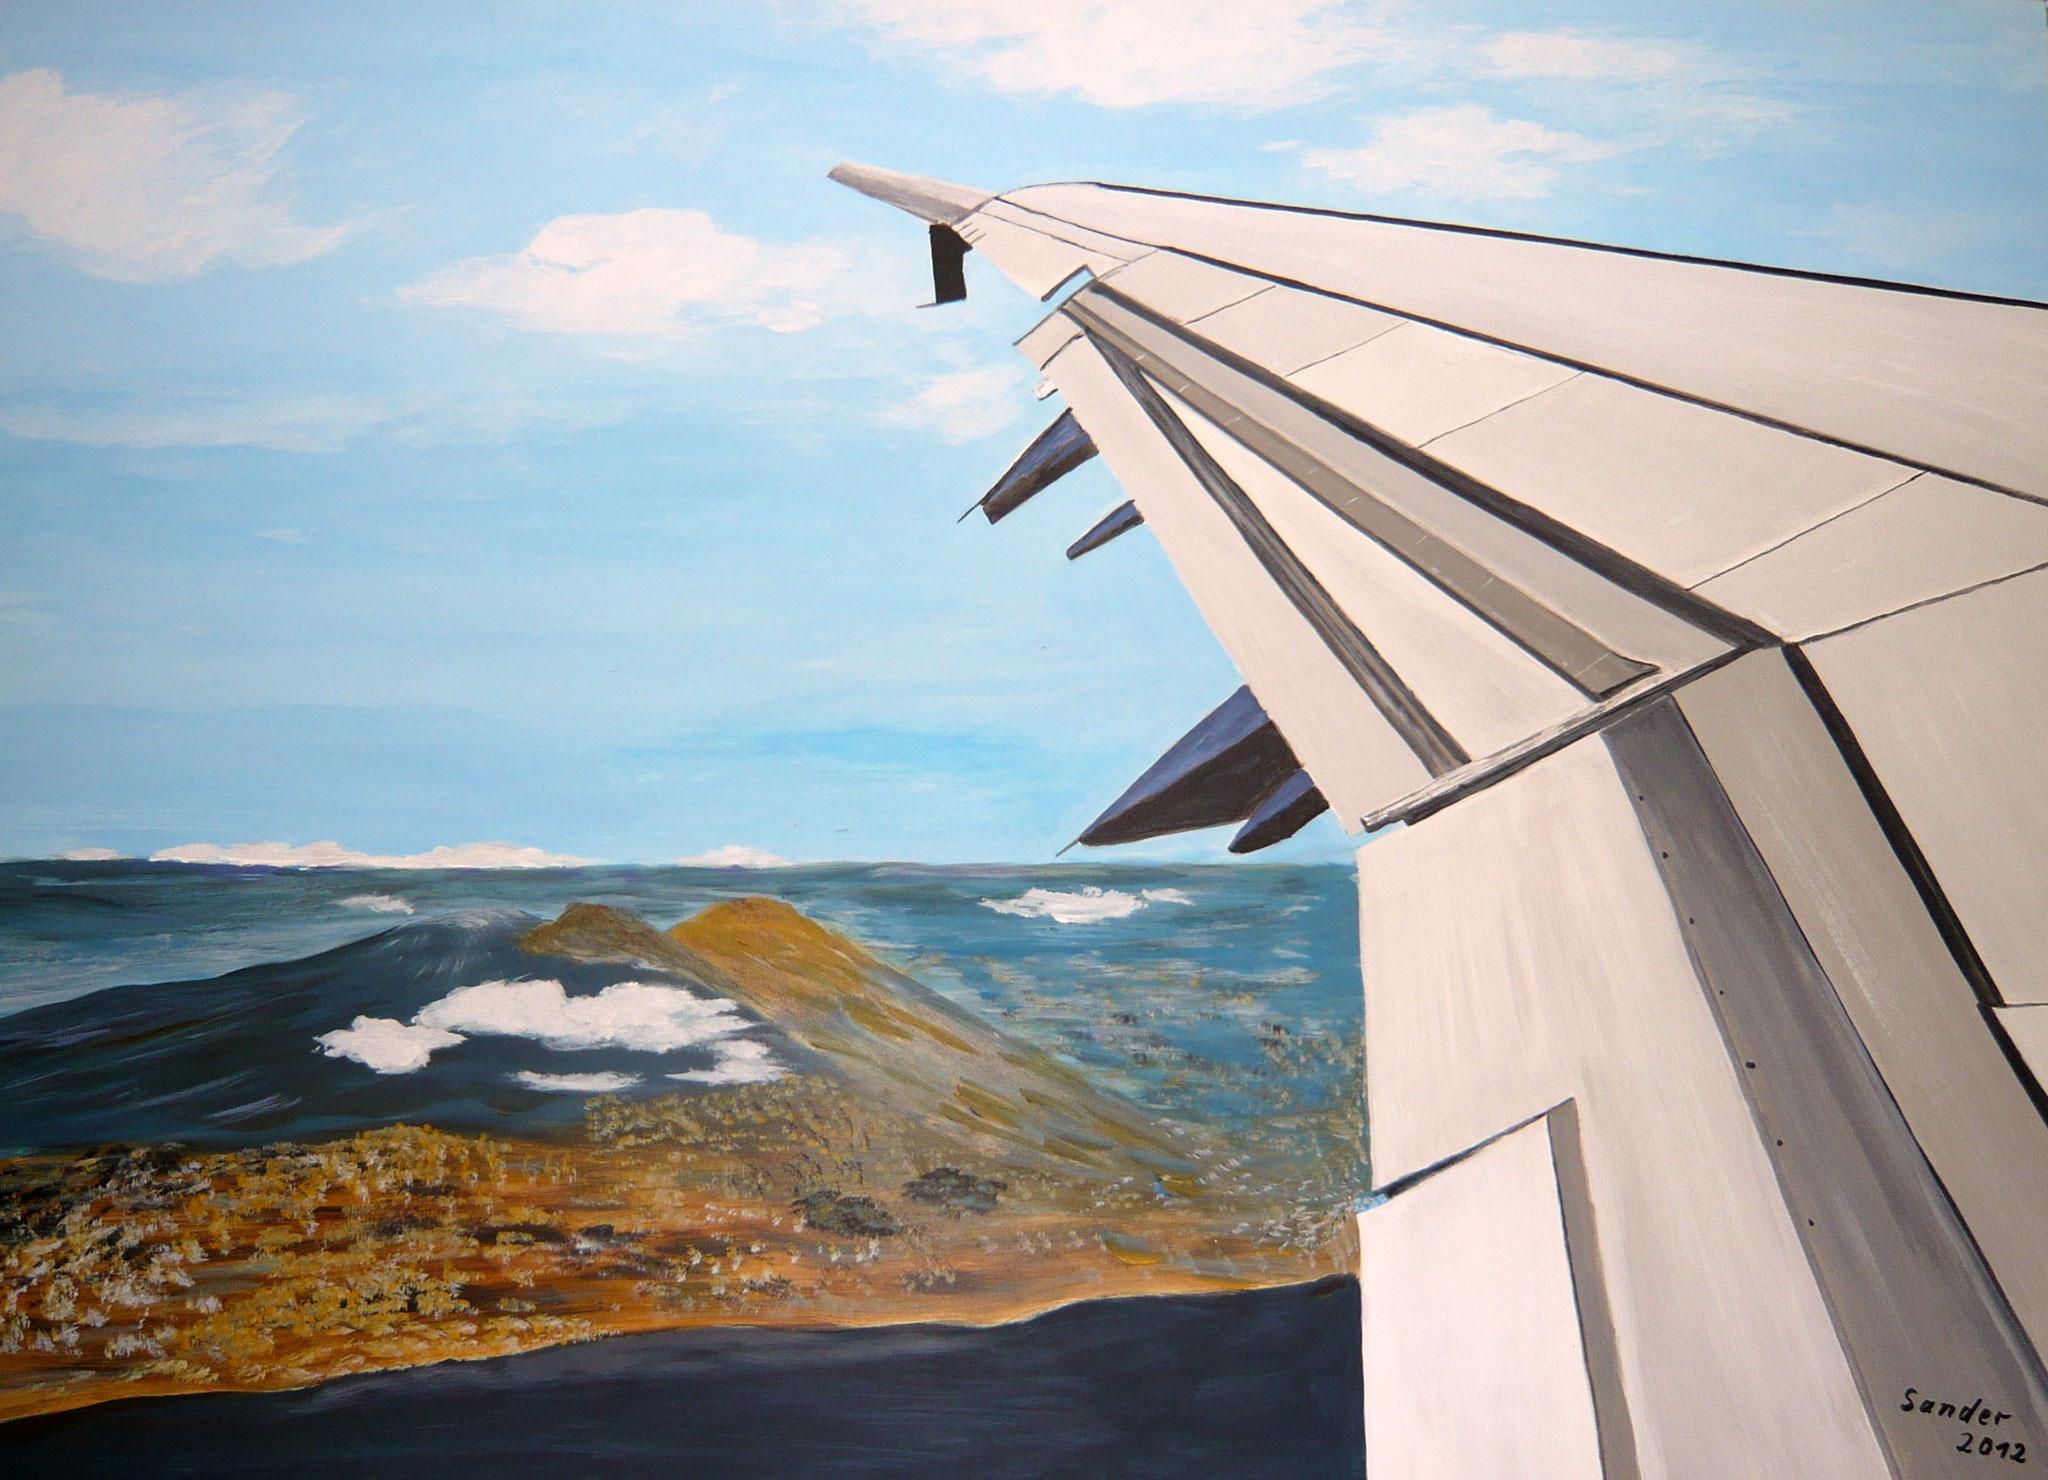 Anflug auf Neapel, 70 x 50 cm, Acrylfarben auf Malplatte, signiert und datiert 2012